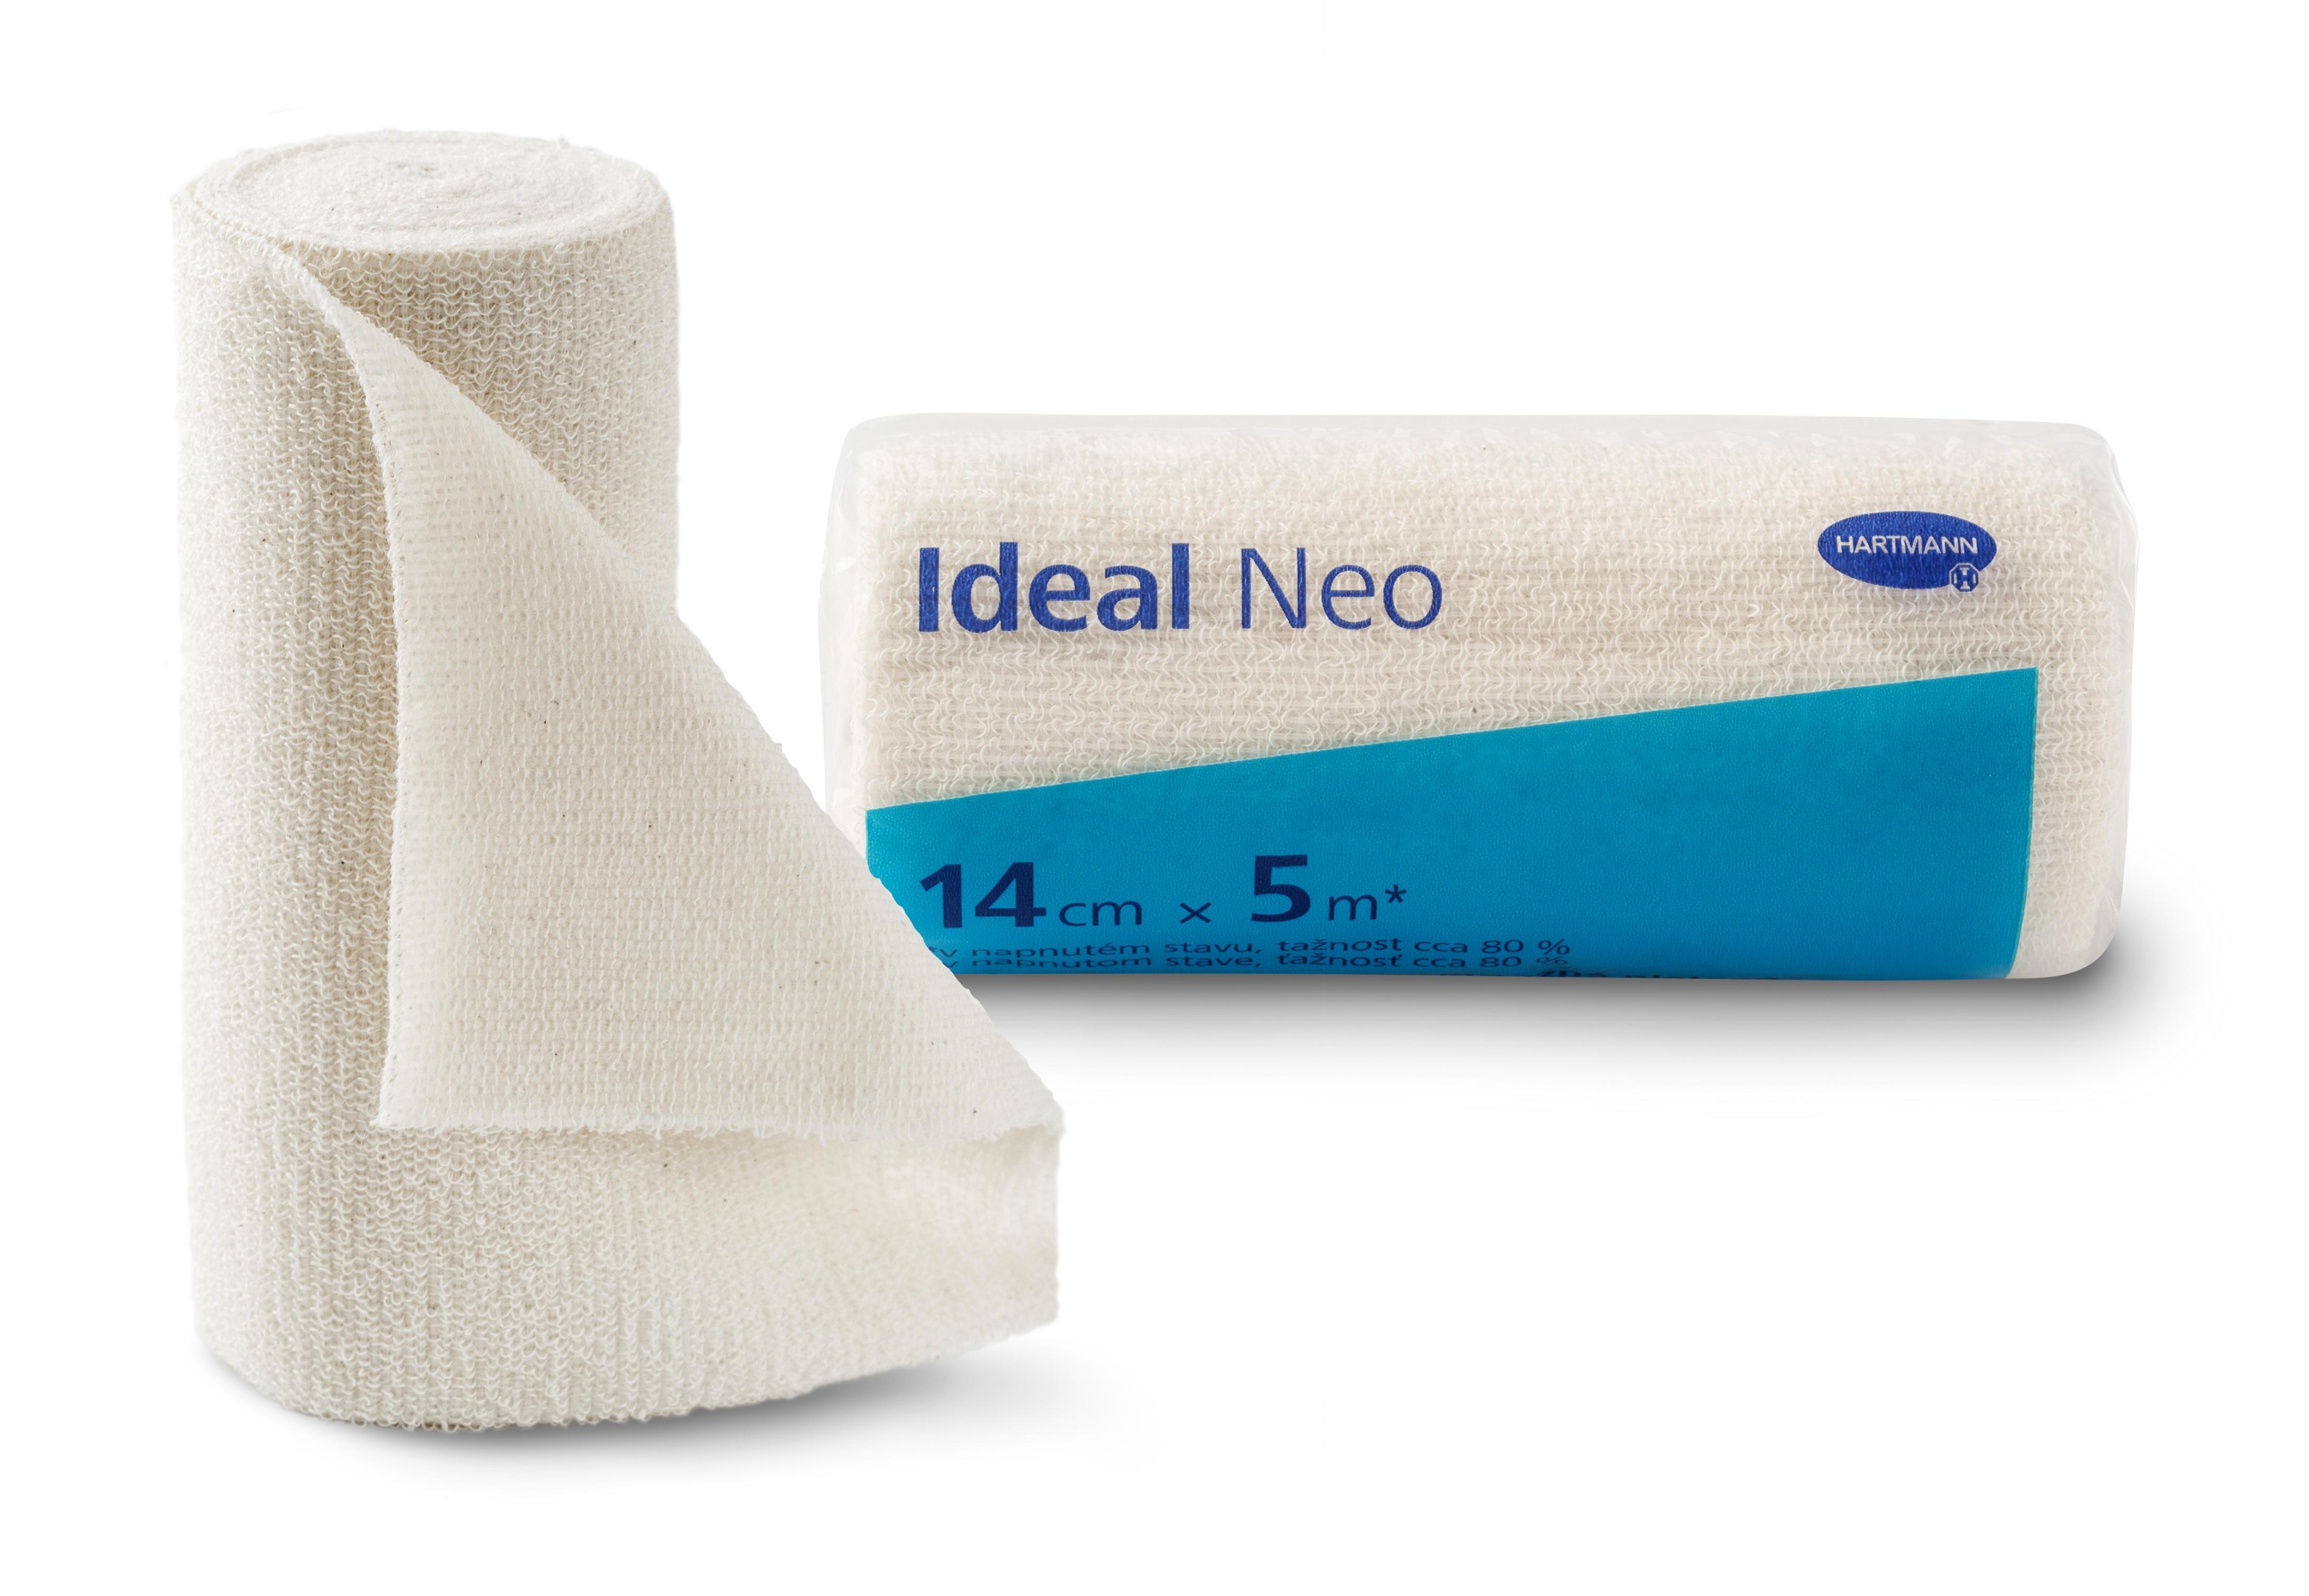 Elastické obinadlo Ideal Neo 14 cm × 5 m vhodné pro ošetřování onemocnění žilního a lymfatického systému